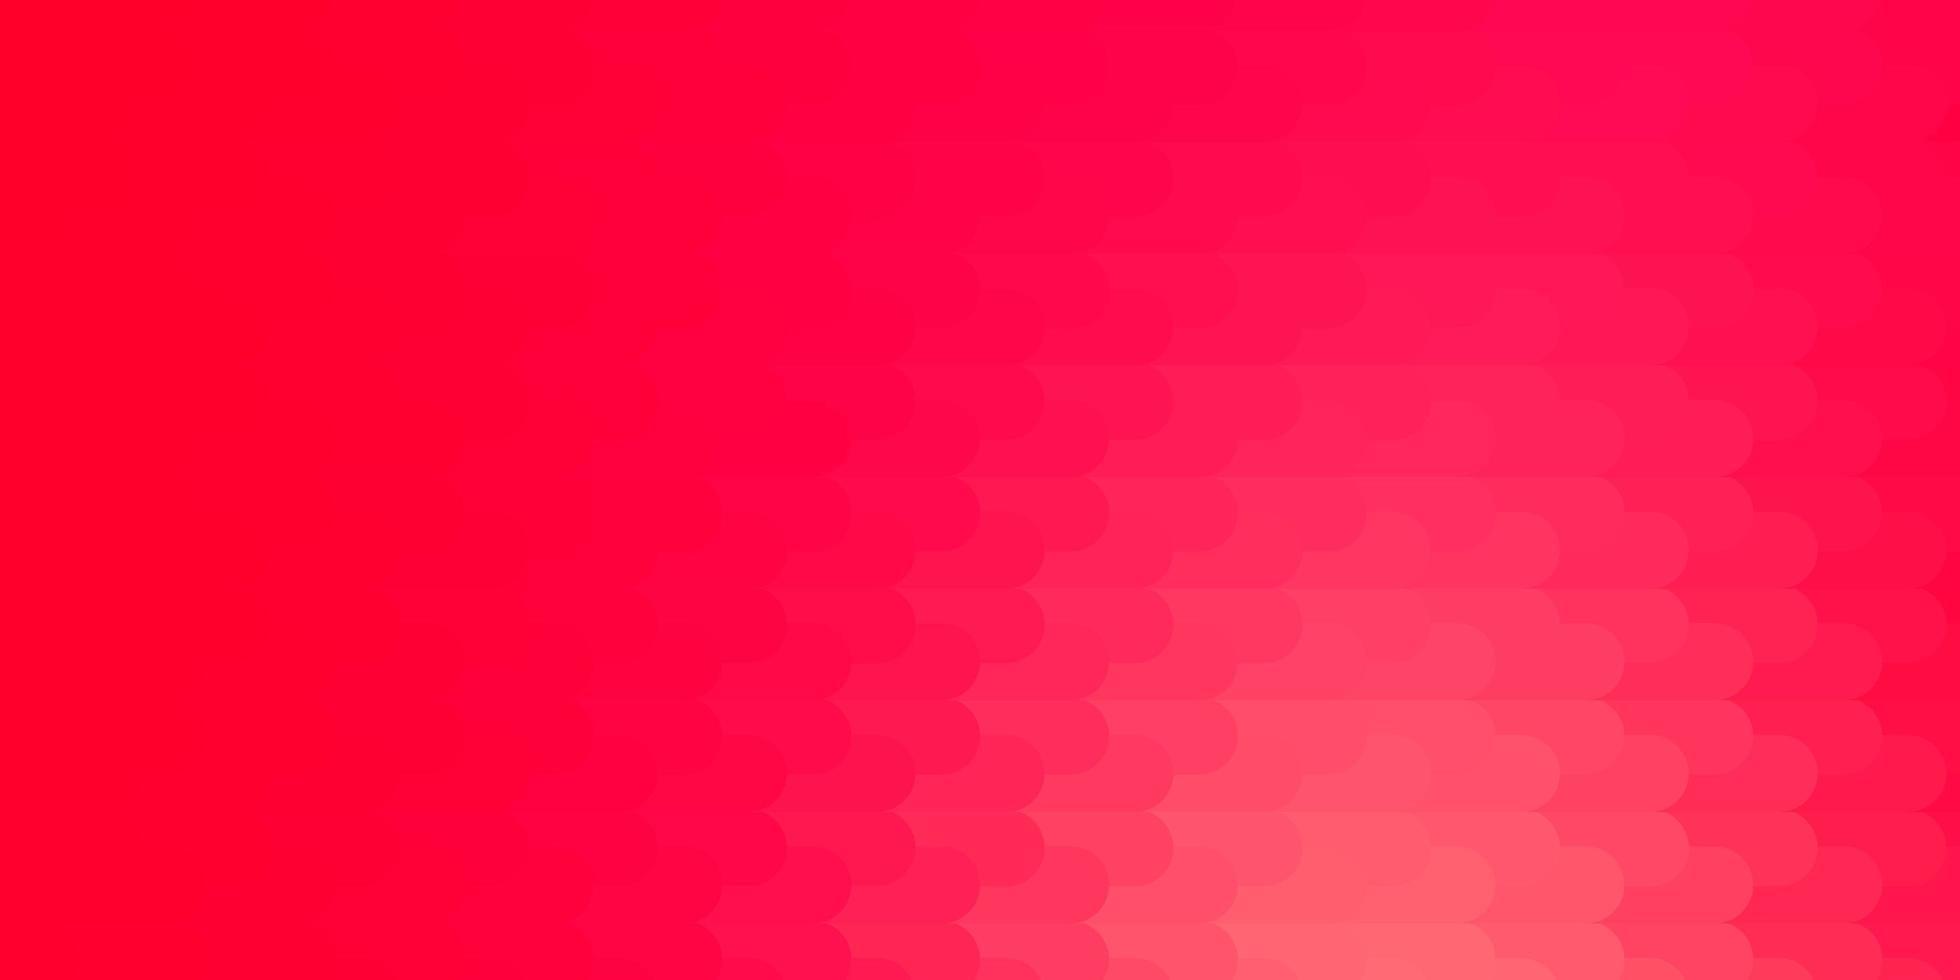 toile de fond de vecteur rouge et jaune clair avec des lignes.